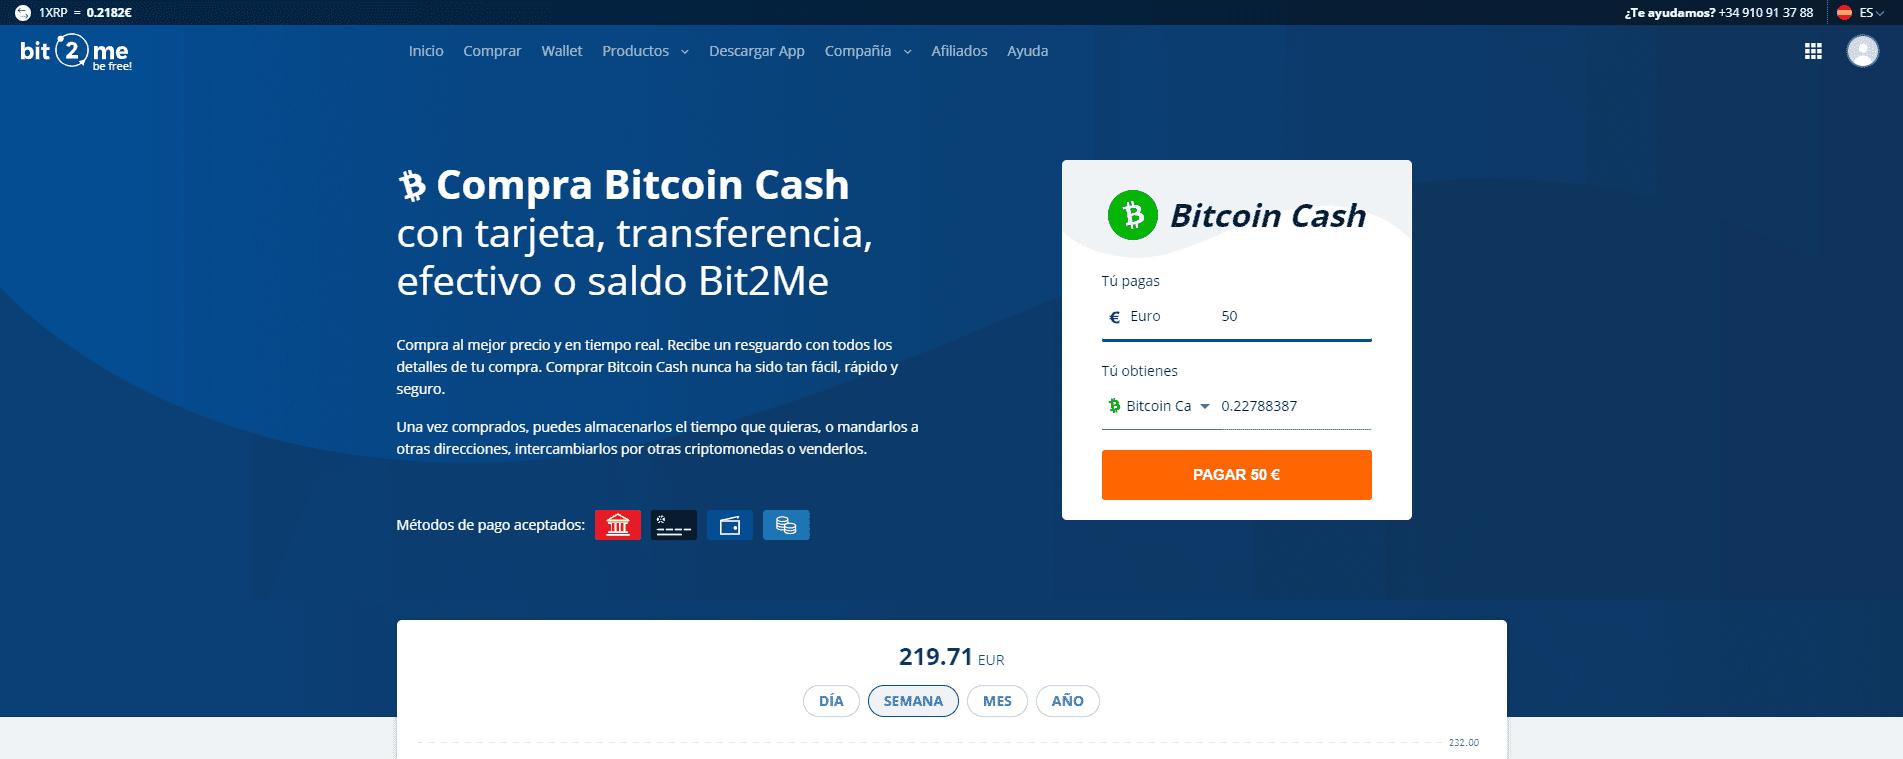 Indicando Bitcoin Cash a comprar en Bit2Me